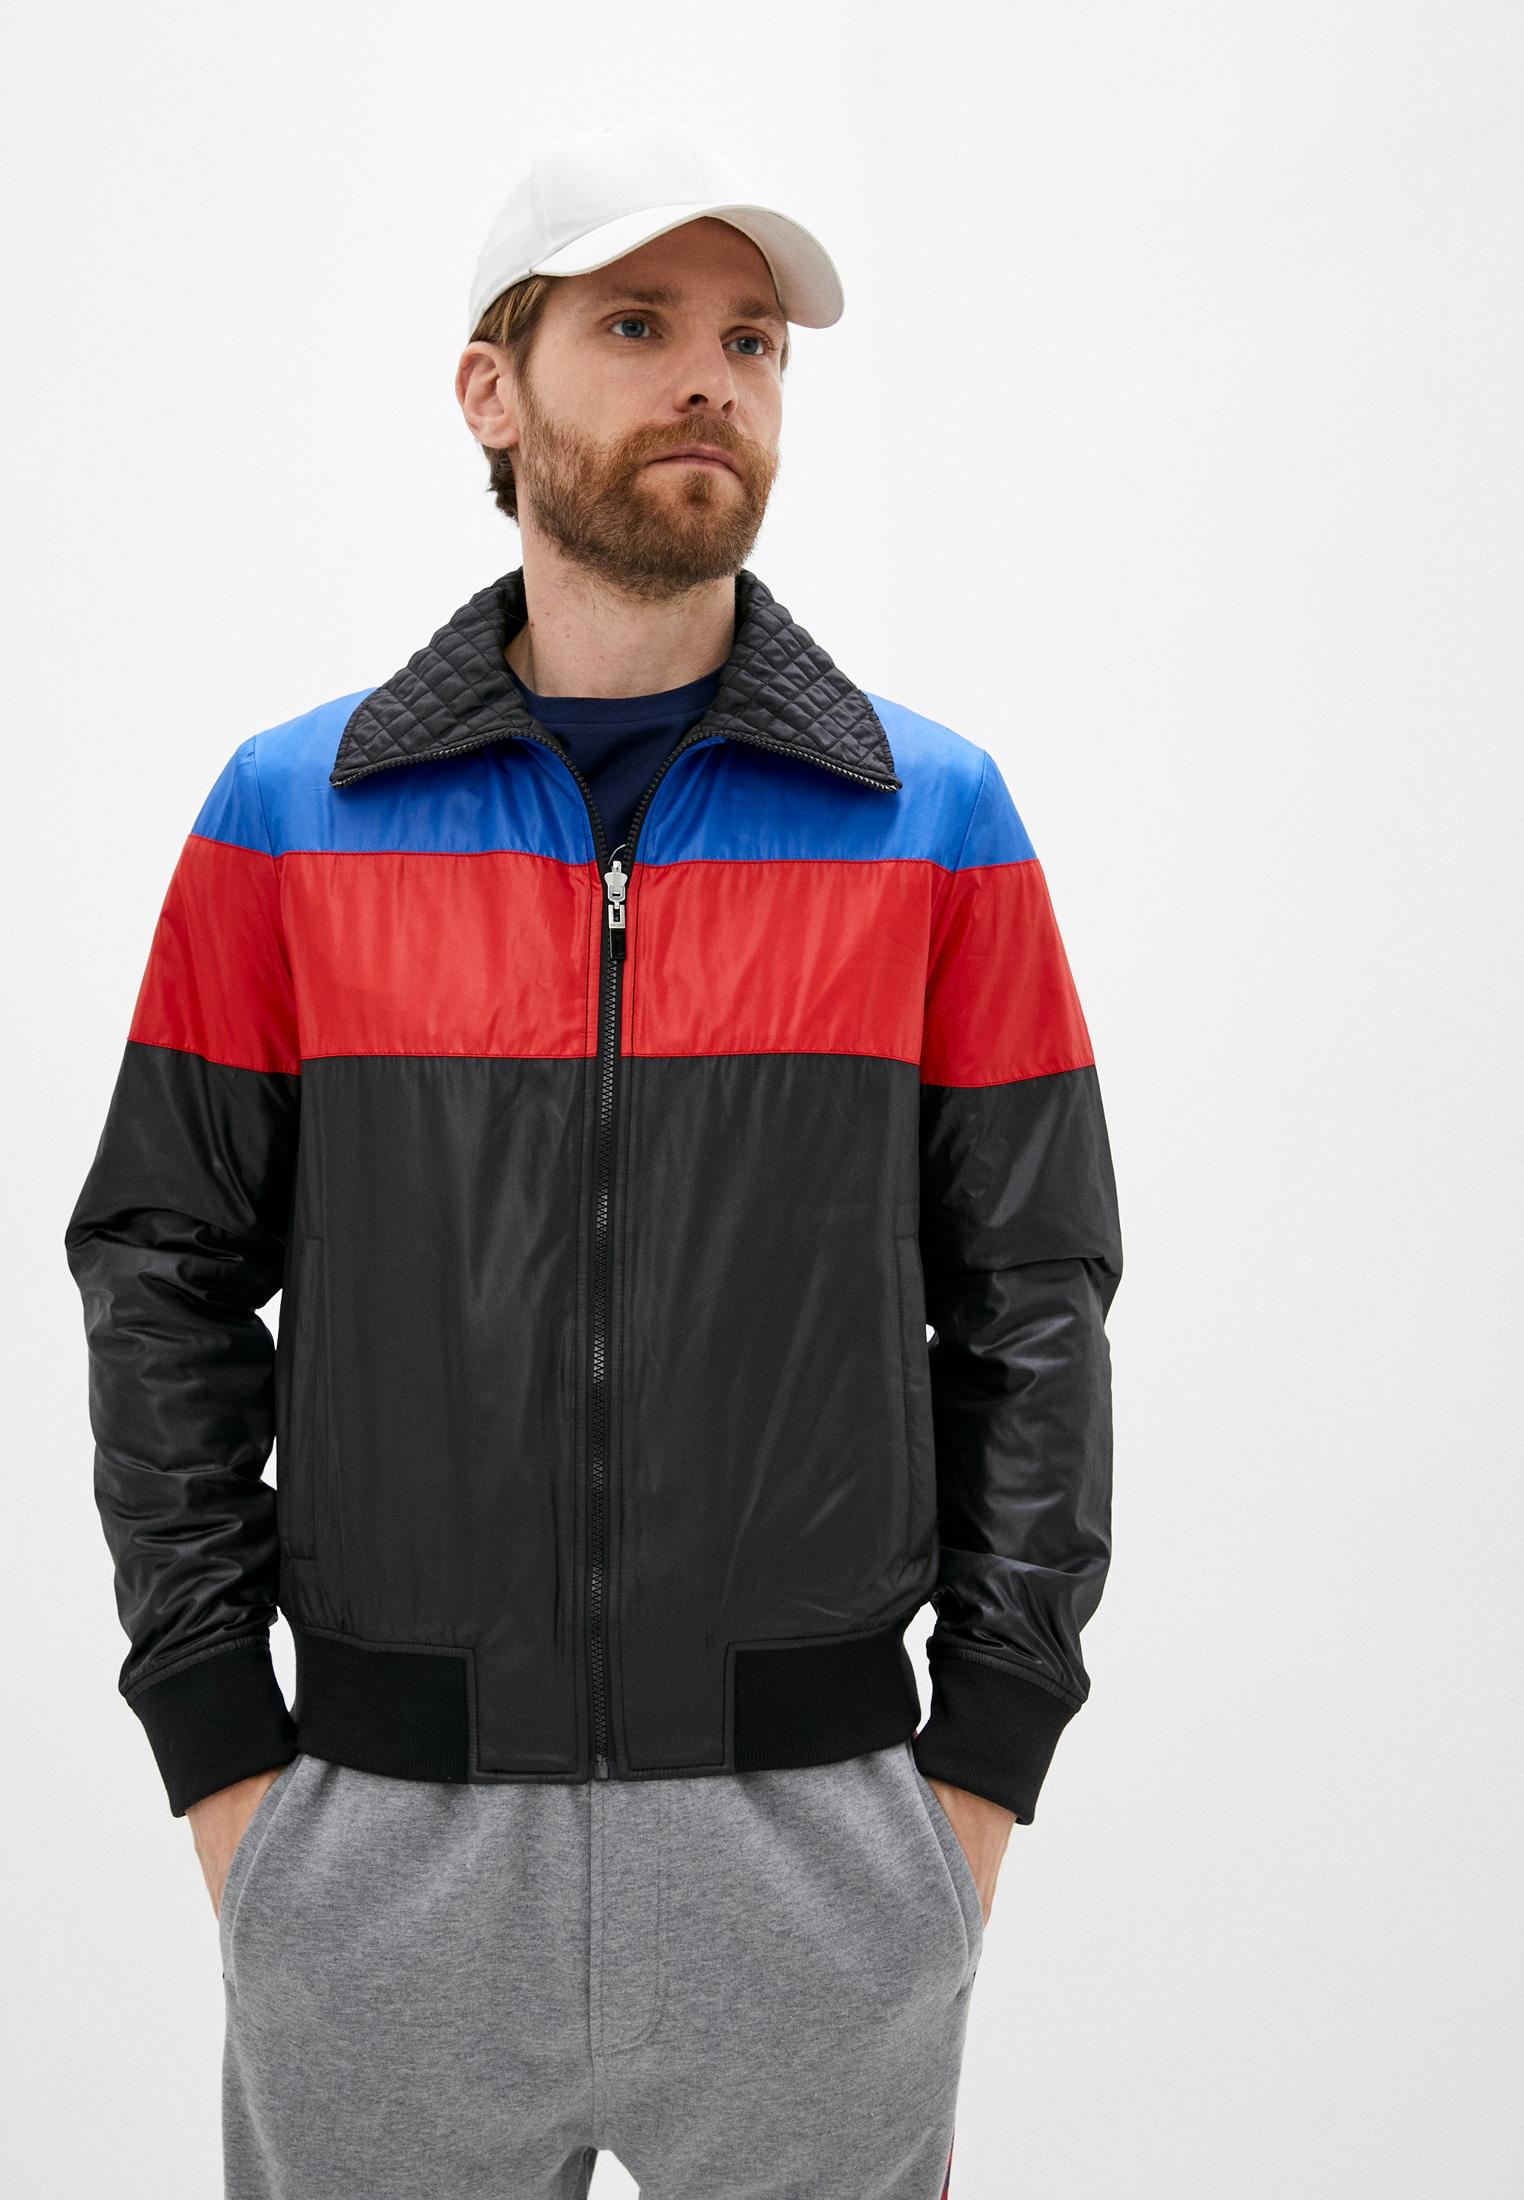 Куртка Just Cavalli (Джаст Кавалли) Куртка Just Cavalli